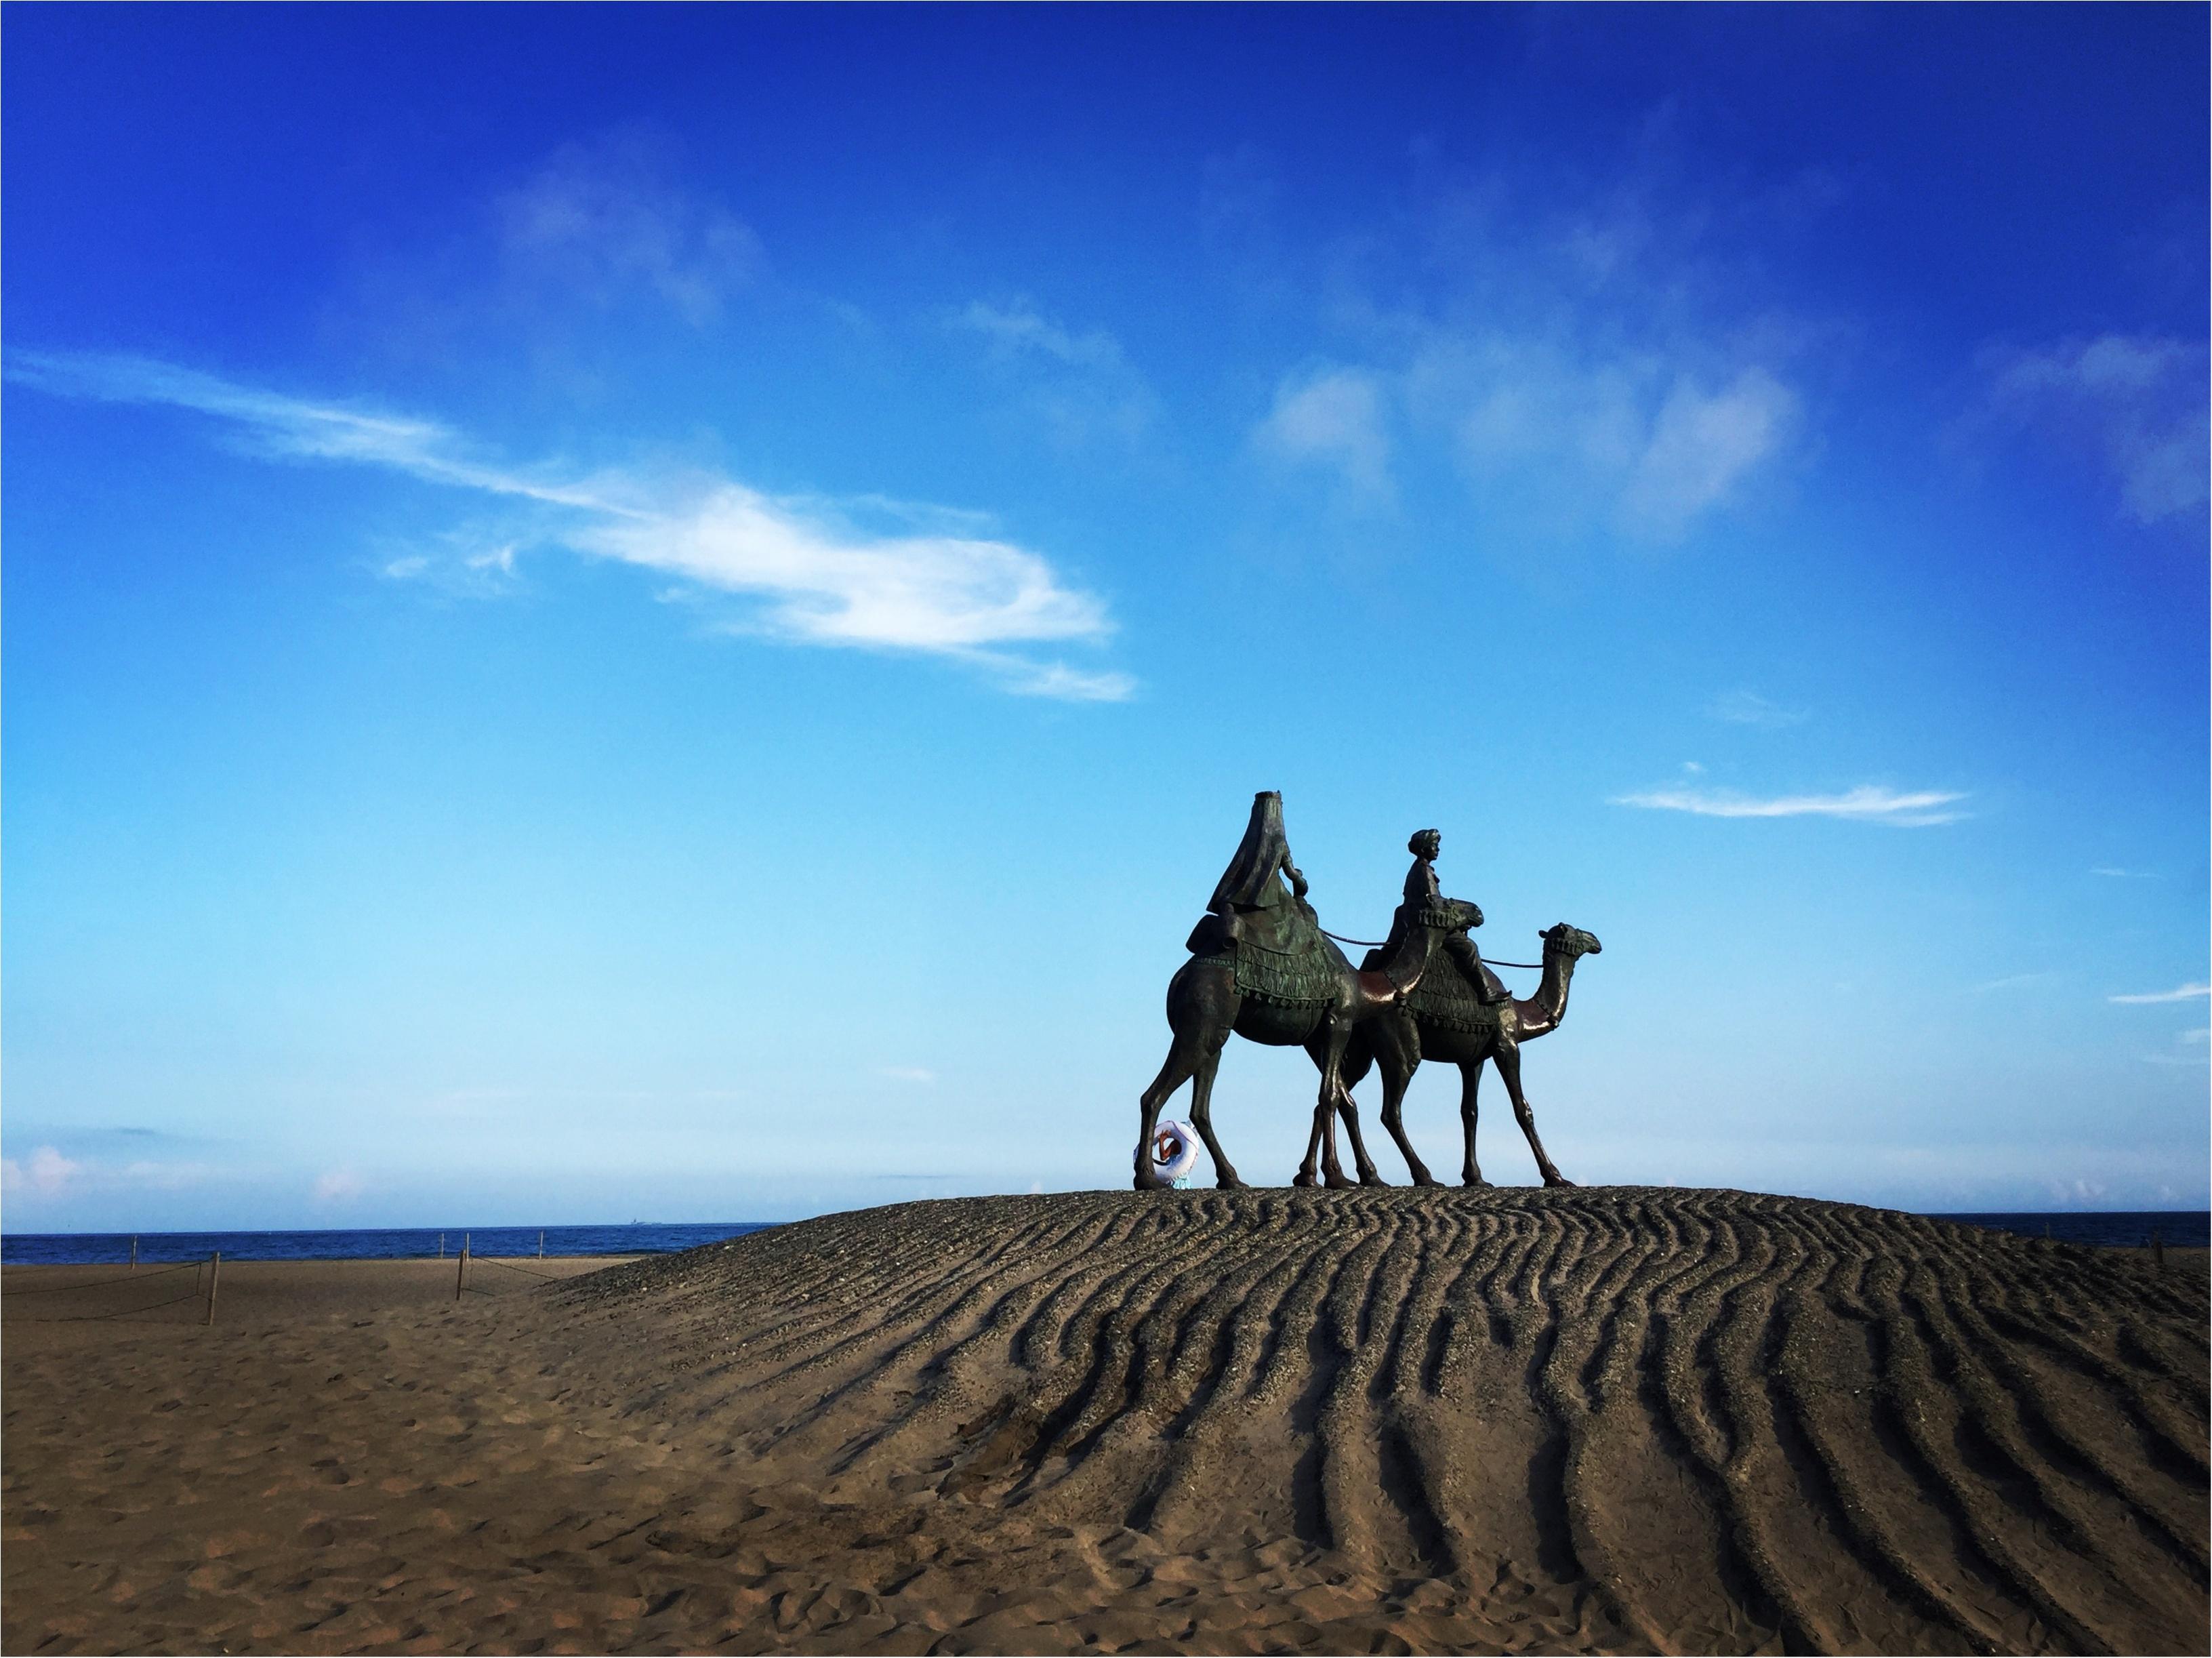 暑い陽射しの海も○○○があれば快適✨あの童謡で有名な【*御宿海岸*】で夏を満喫してきました♪_10